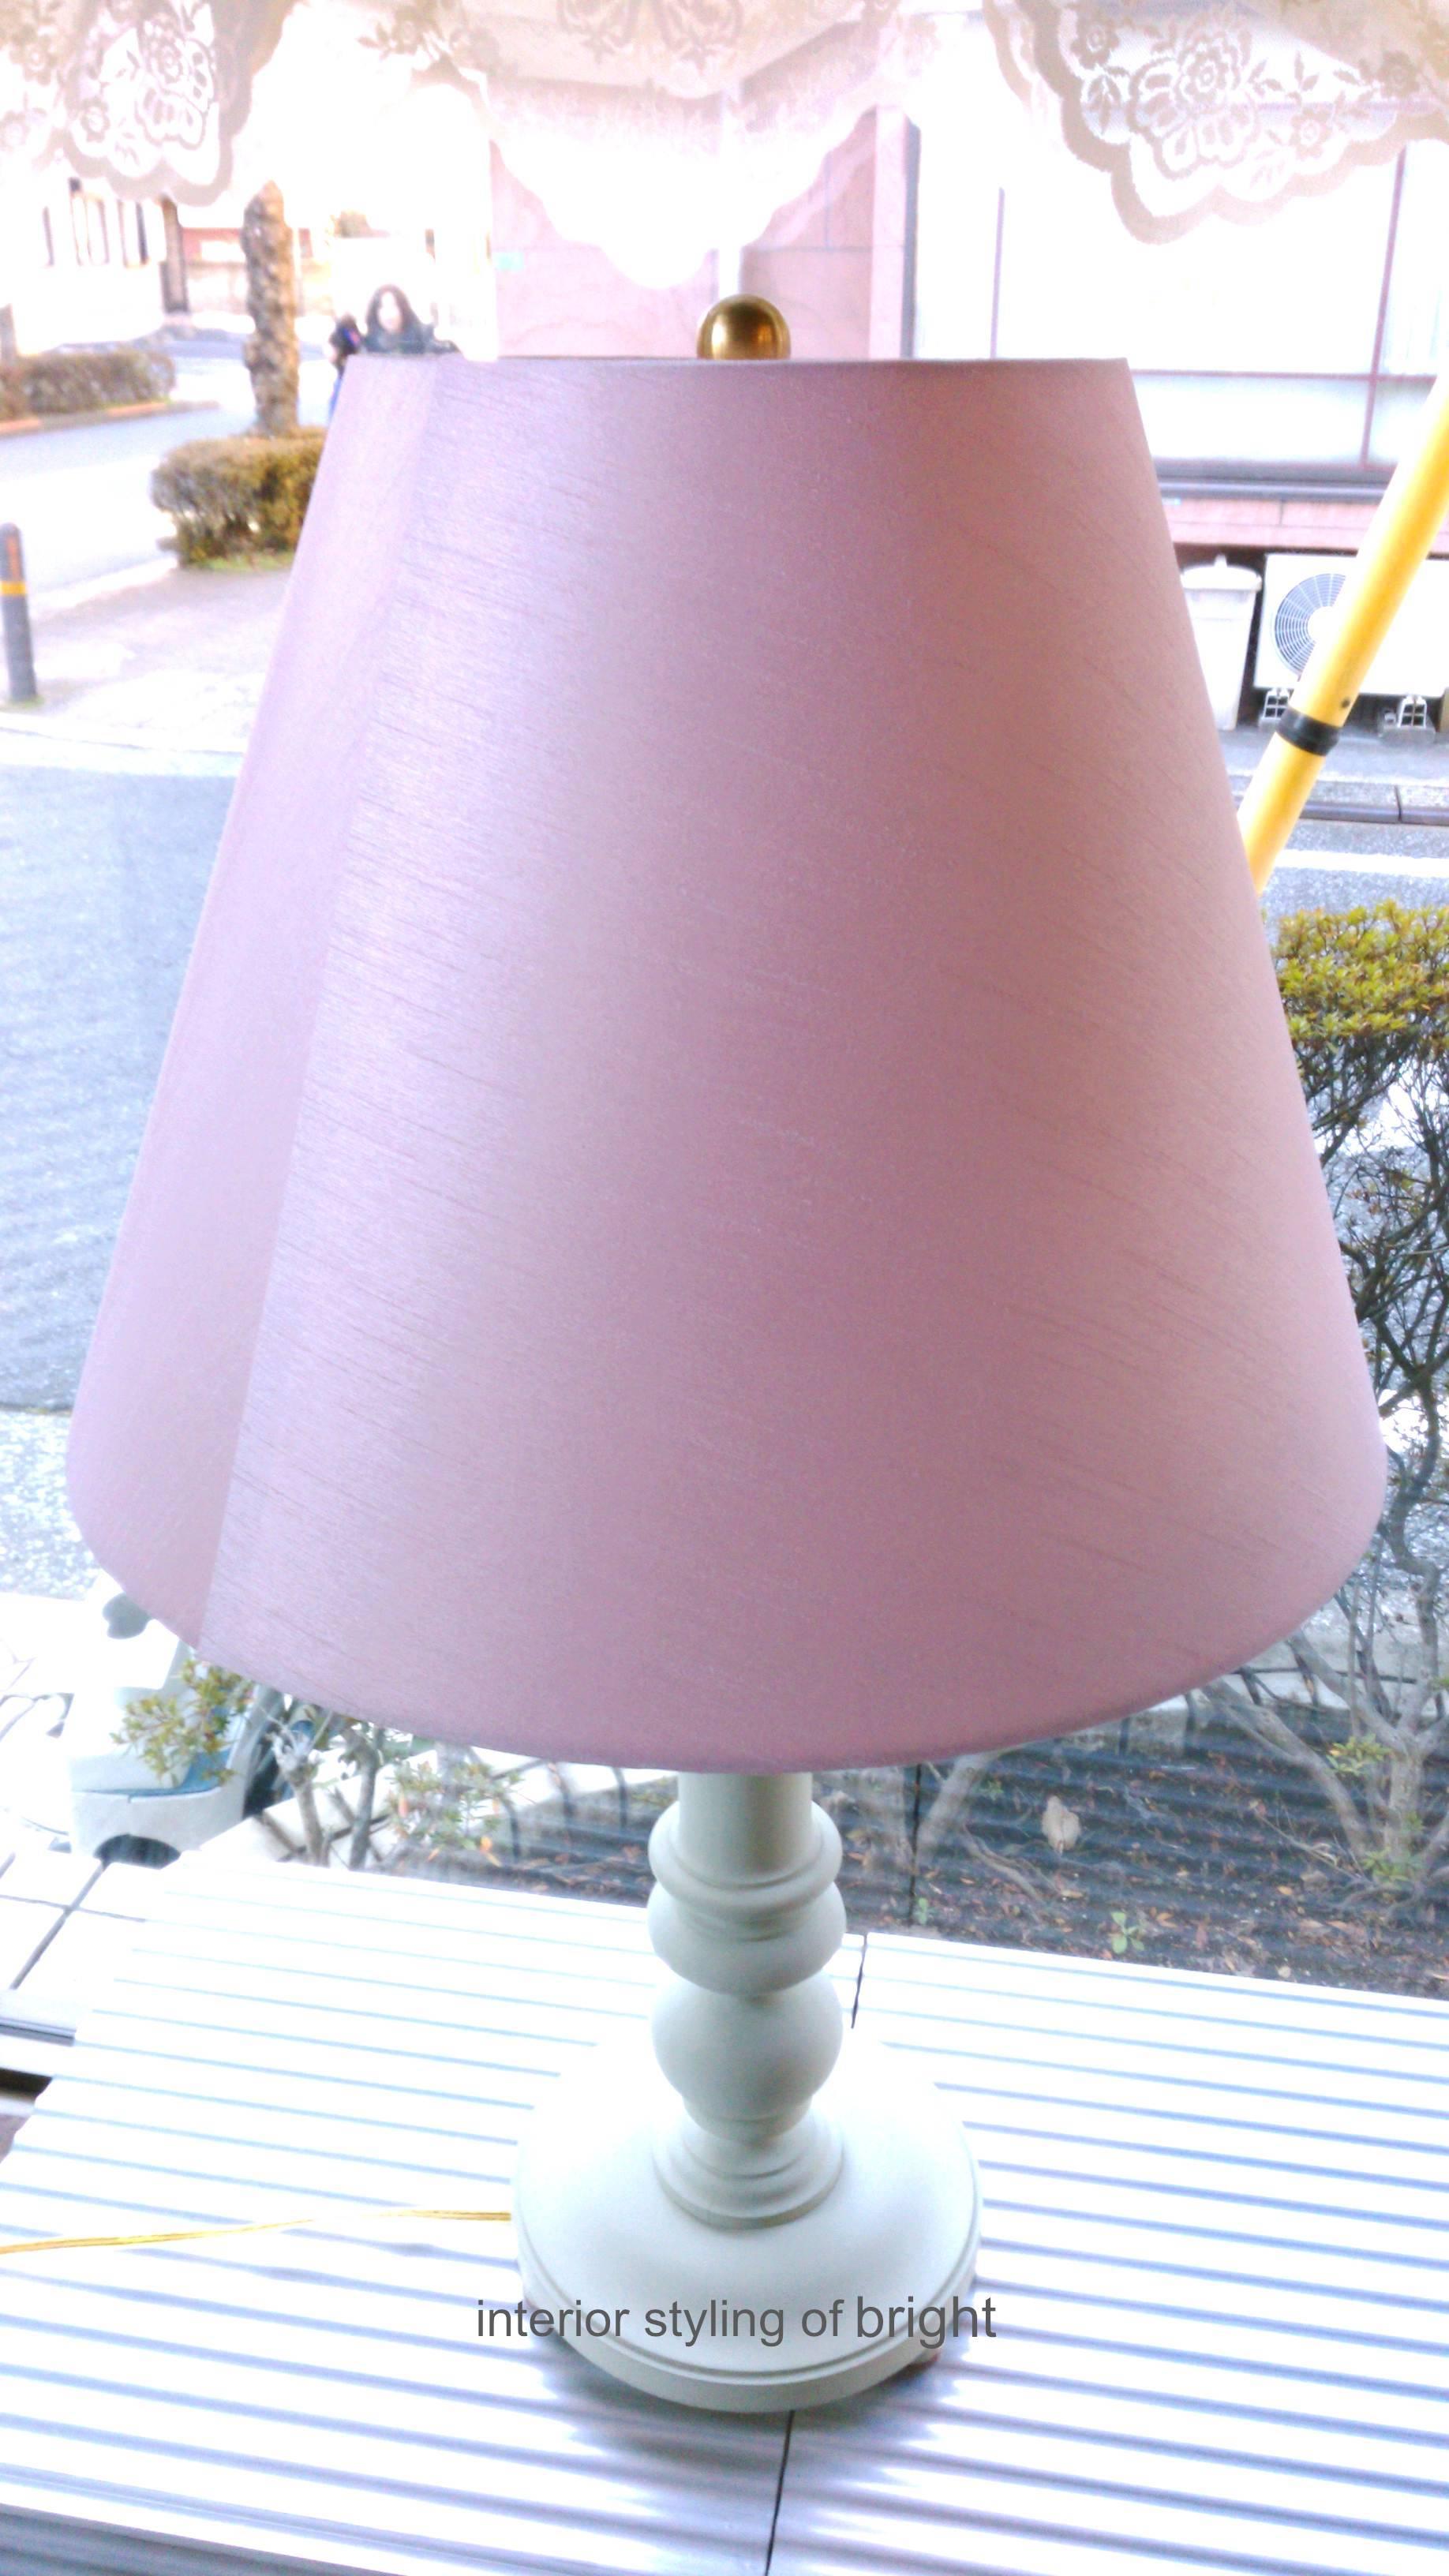 ランプシェード 張替 ウィリアムモリス正規販売店のブライト_c0157866_15260643.jpg